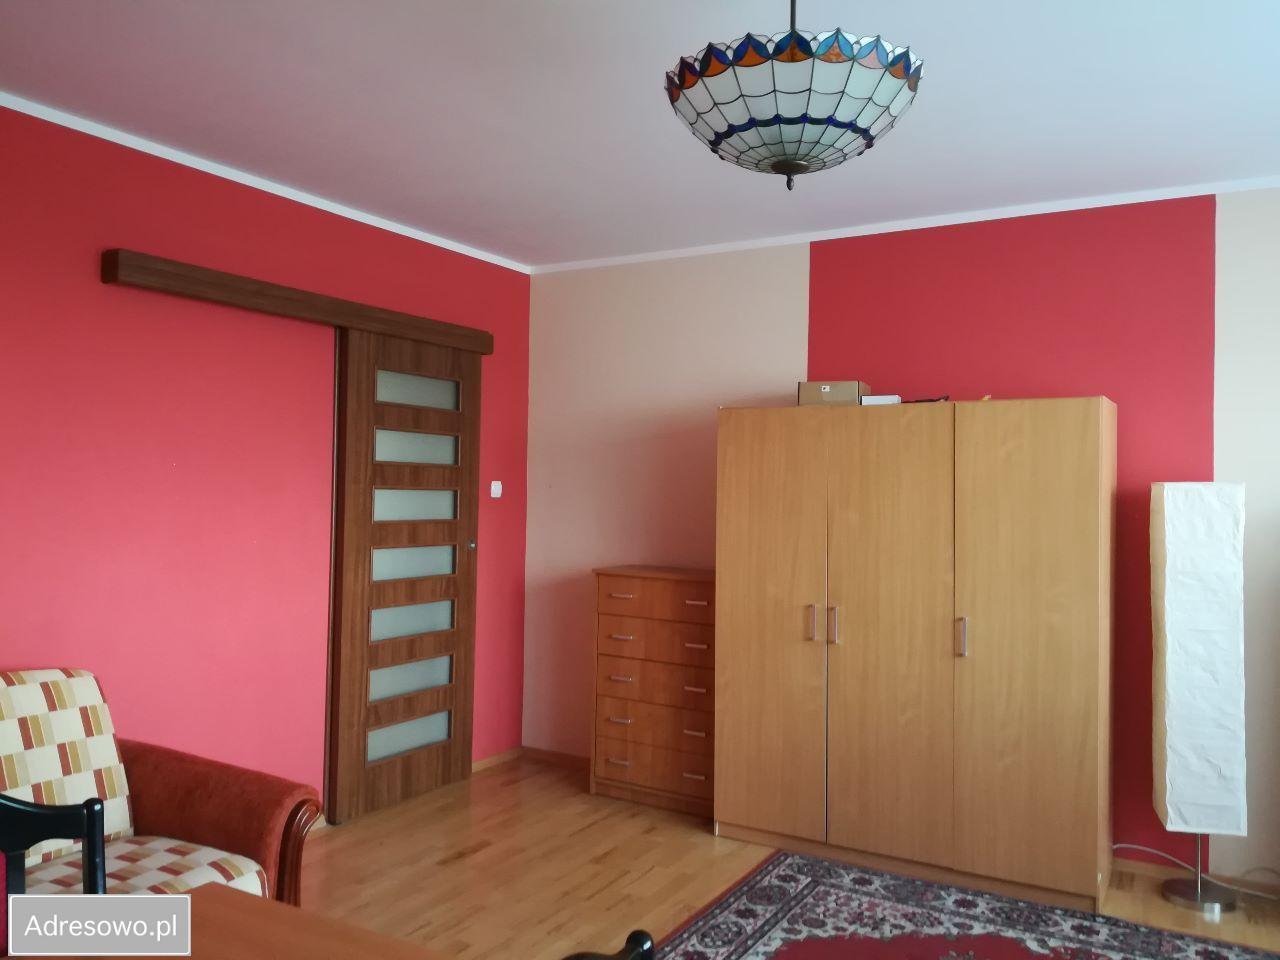 Mieszkanie 3-pokojowe Olsztyn Podgrodzie, ul. Jarosława Iwaszkiewicza